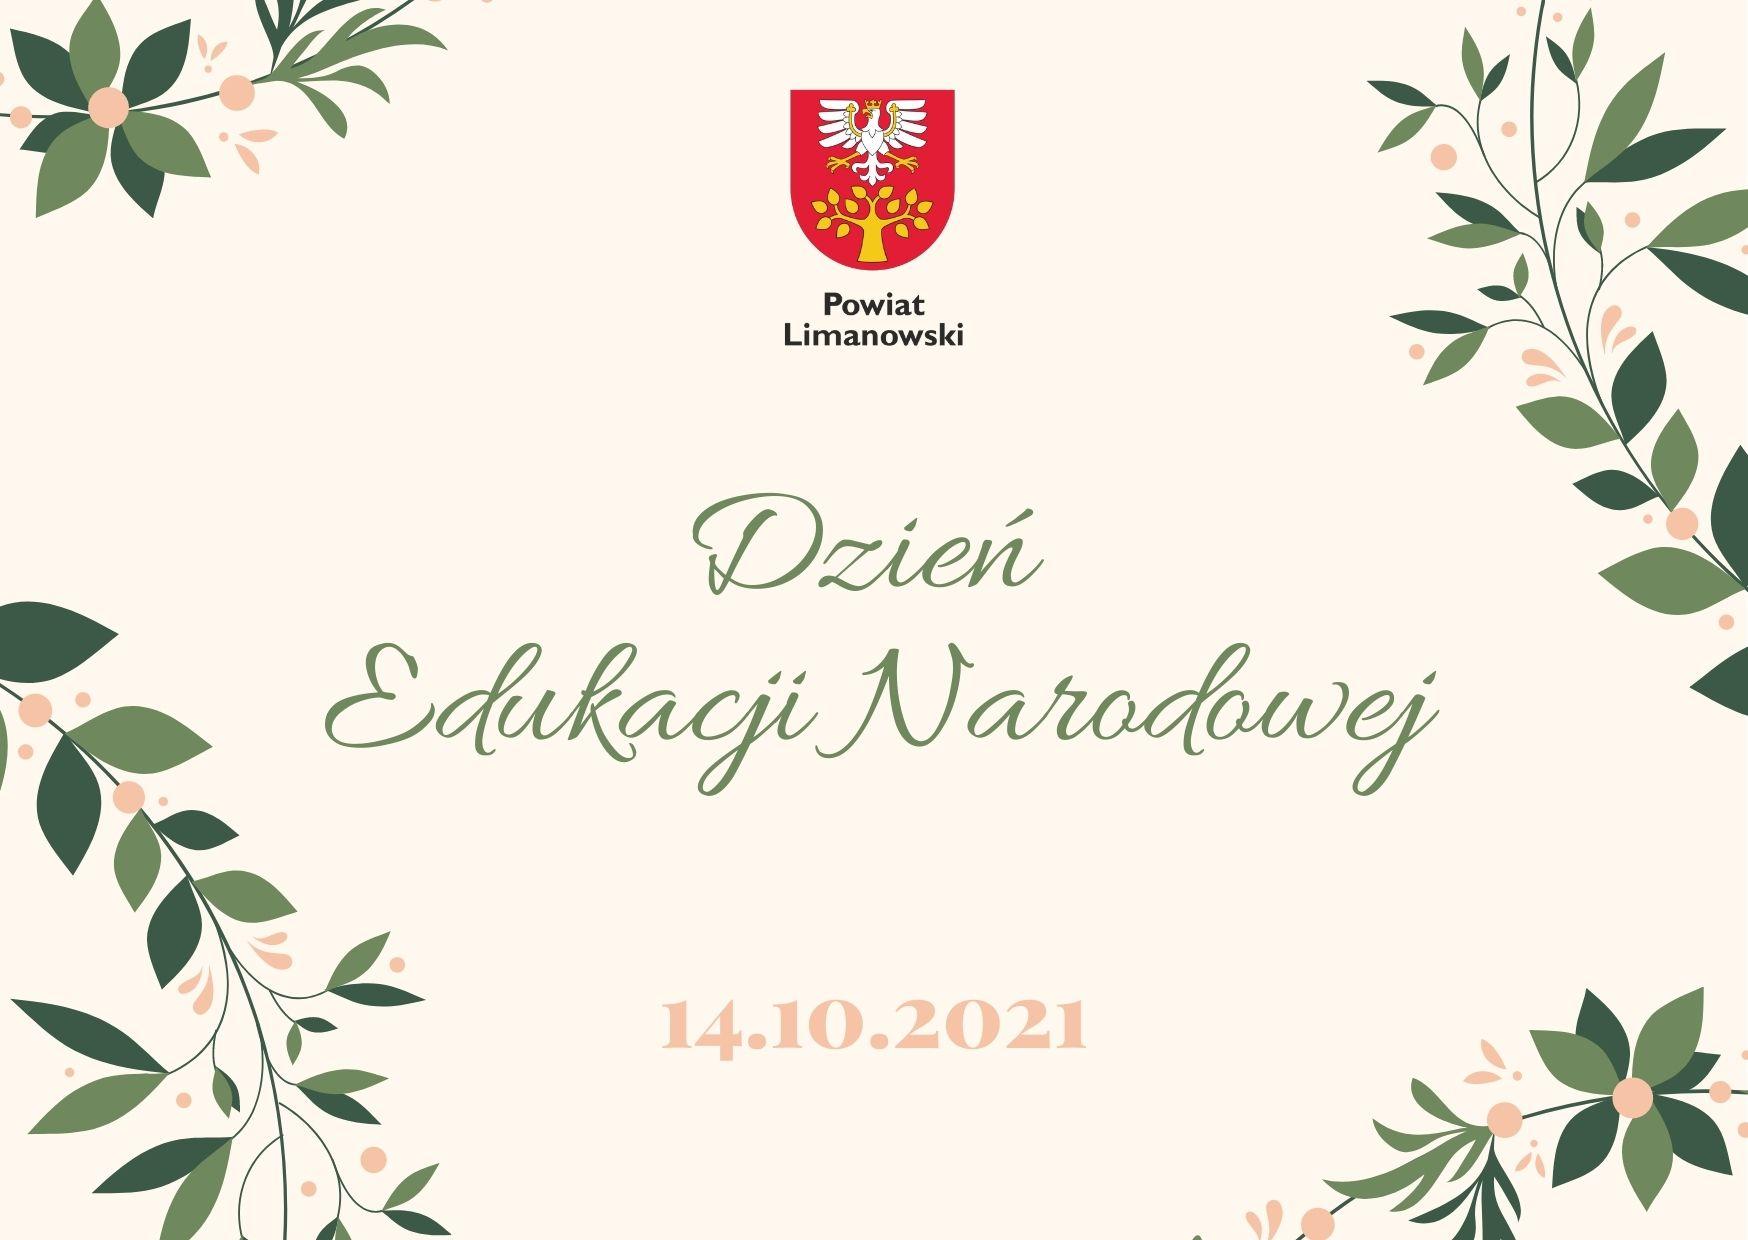 Plakat informujący o wydarzeniu. Napis Dzień edukacji naodowej, 14 października 2021